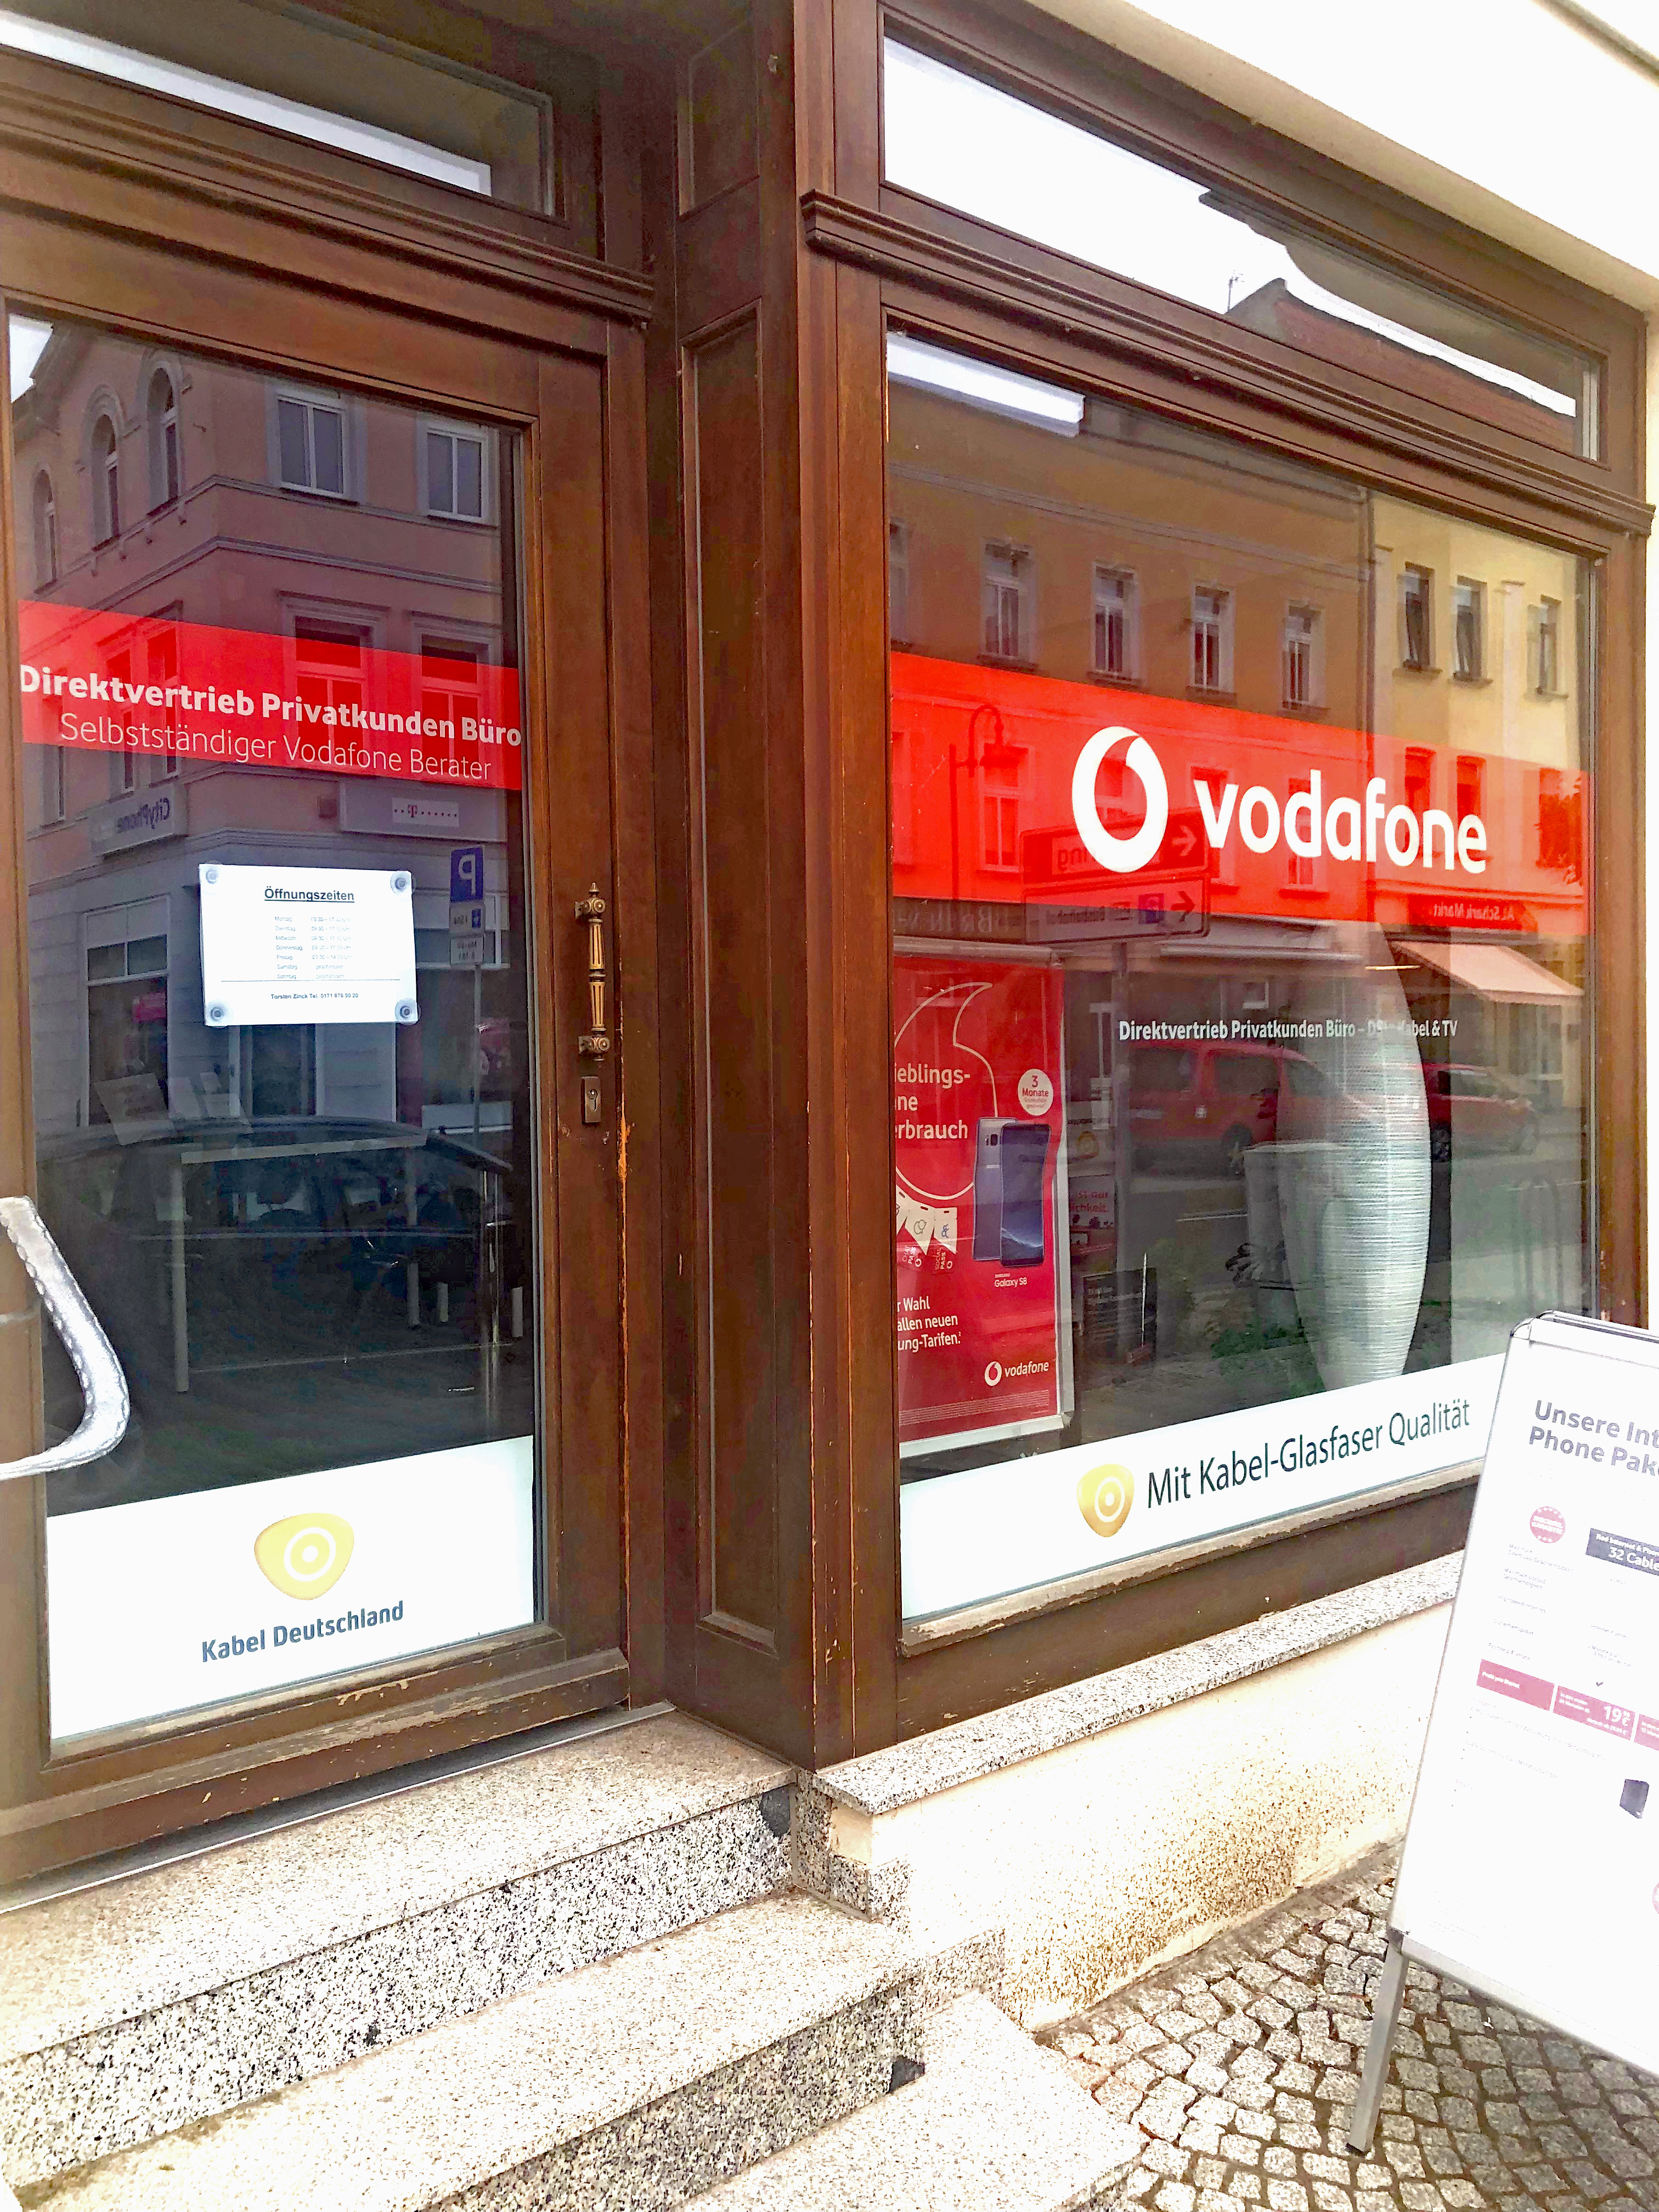 Vodafone Kabel Deutschland 39218 Schönebeck Öffnungszeiten ...